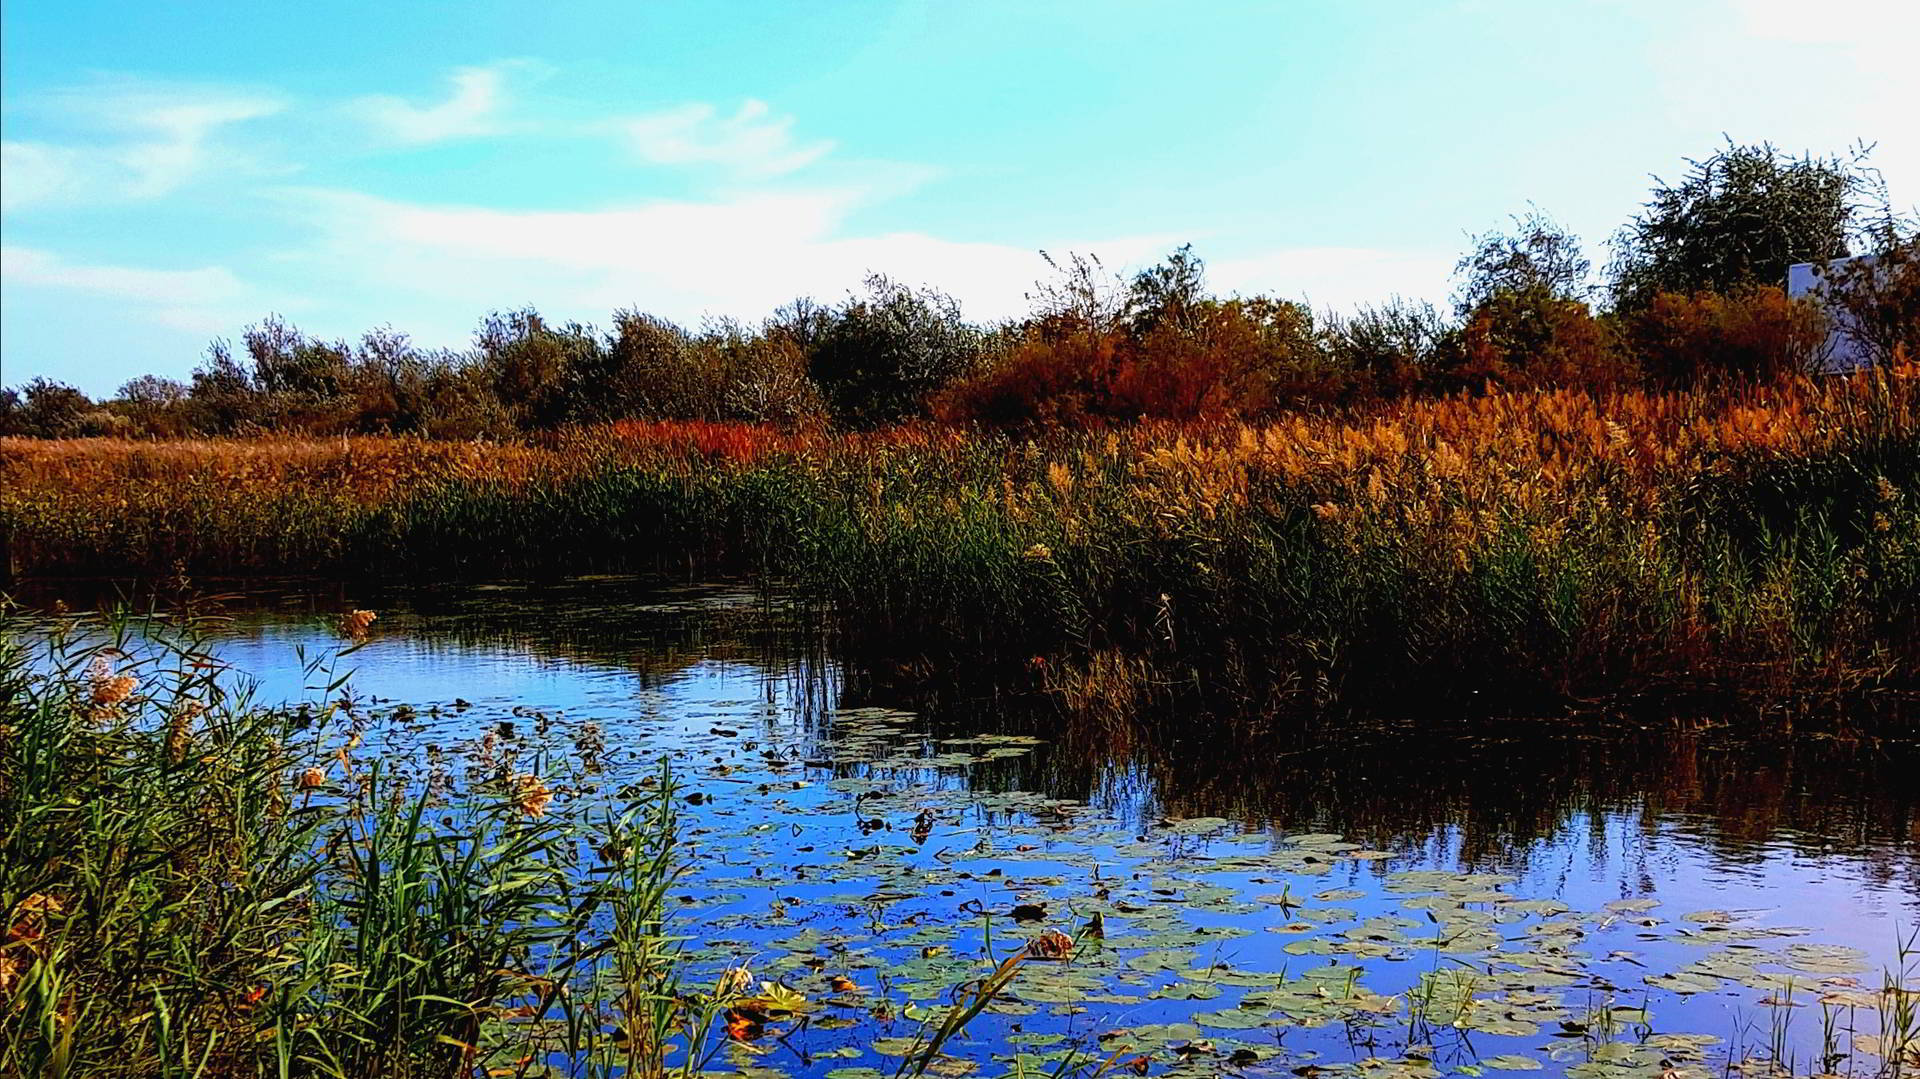 5 plante salbatice din Delta Dunarii – delicatese pentru francezi, hrana pentru pescari si ciudatenii gustoase pentru turisti